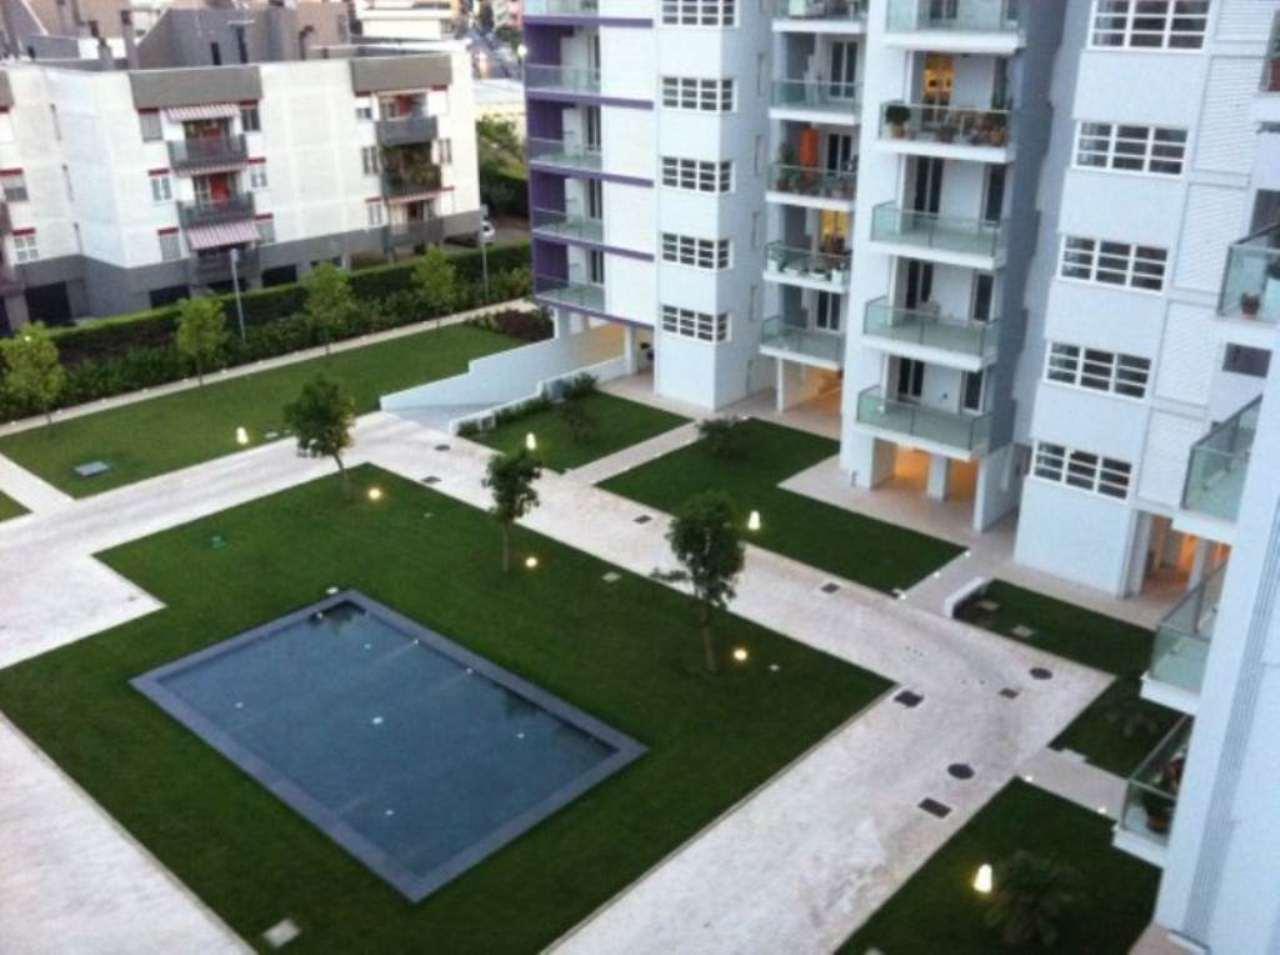 Appartamento in vendita a Modugno, 2 locali, prezzo € 160.000 | CambioCasa.it